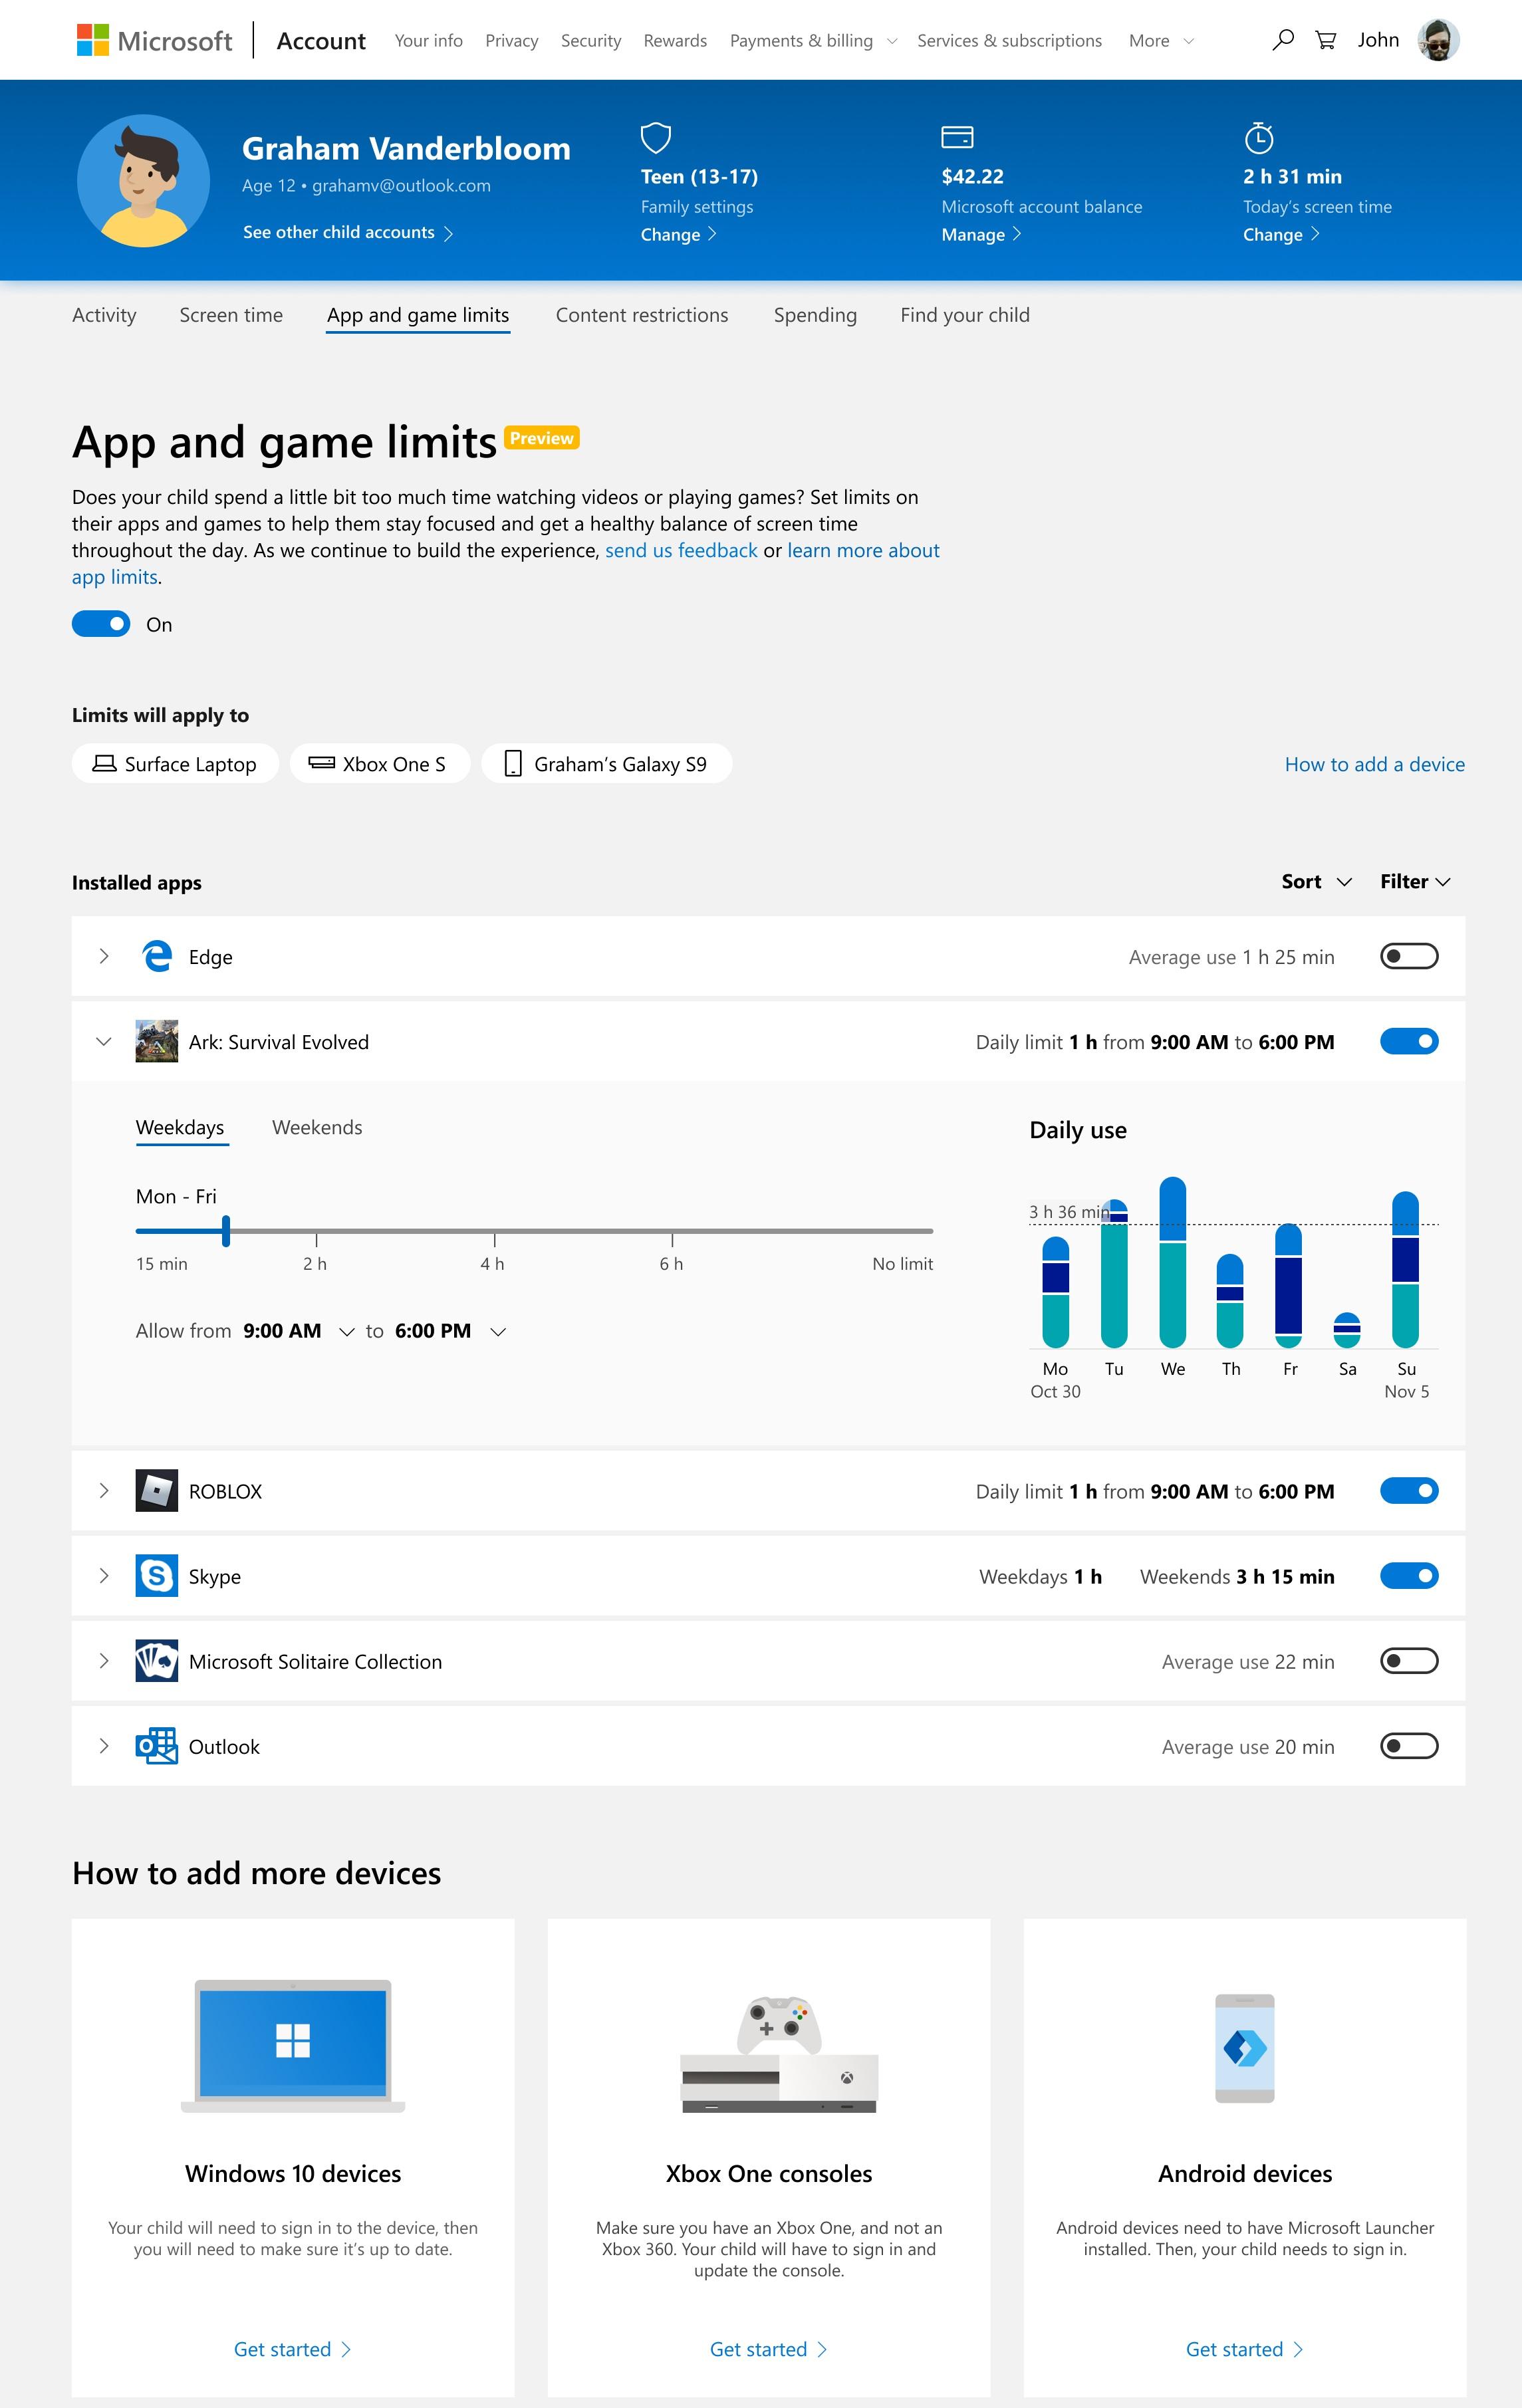 مايكروسوفت تُقدّم ميزة وضع حدود زمنية لكل تطبيق في خدمتها للمراقبة الأبوية